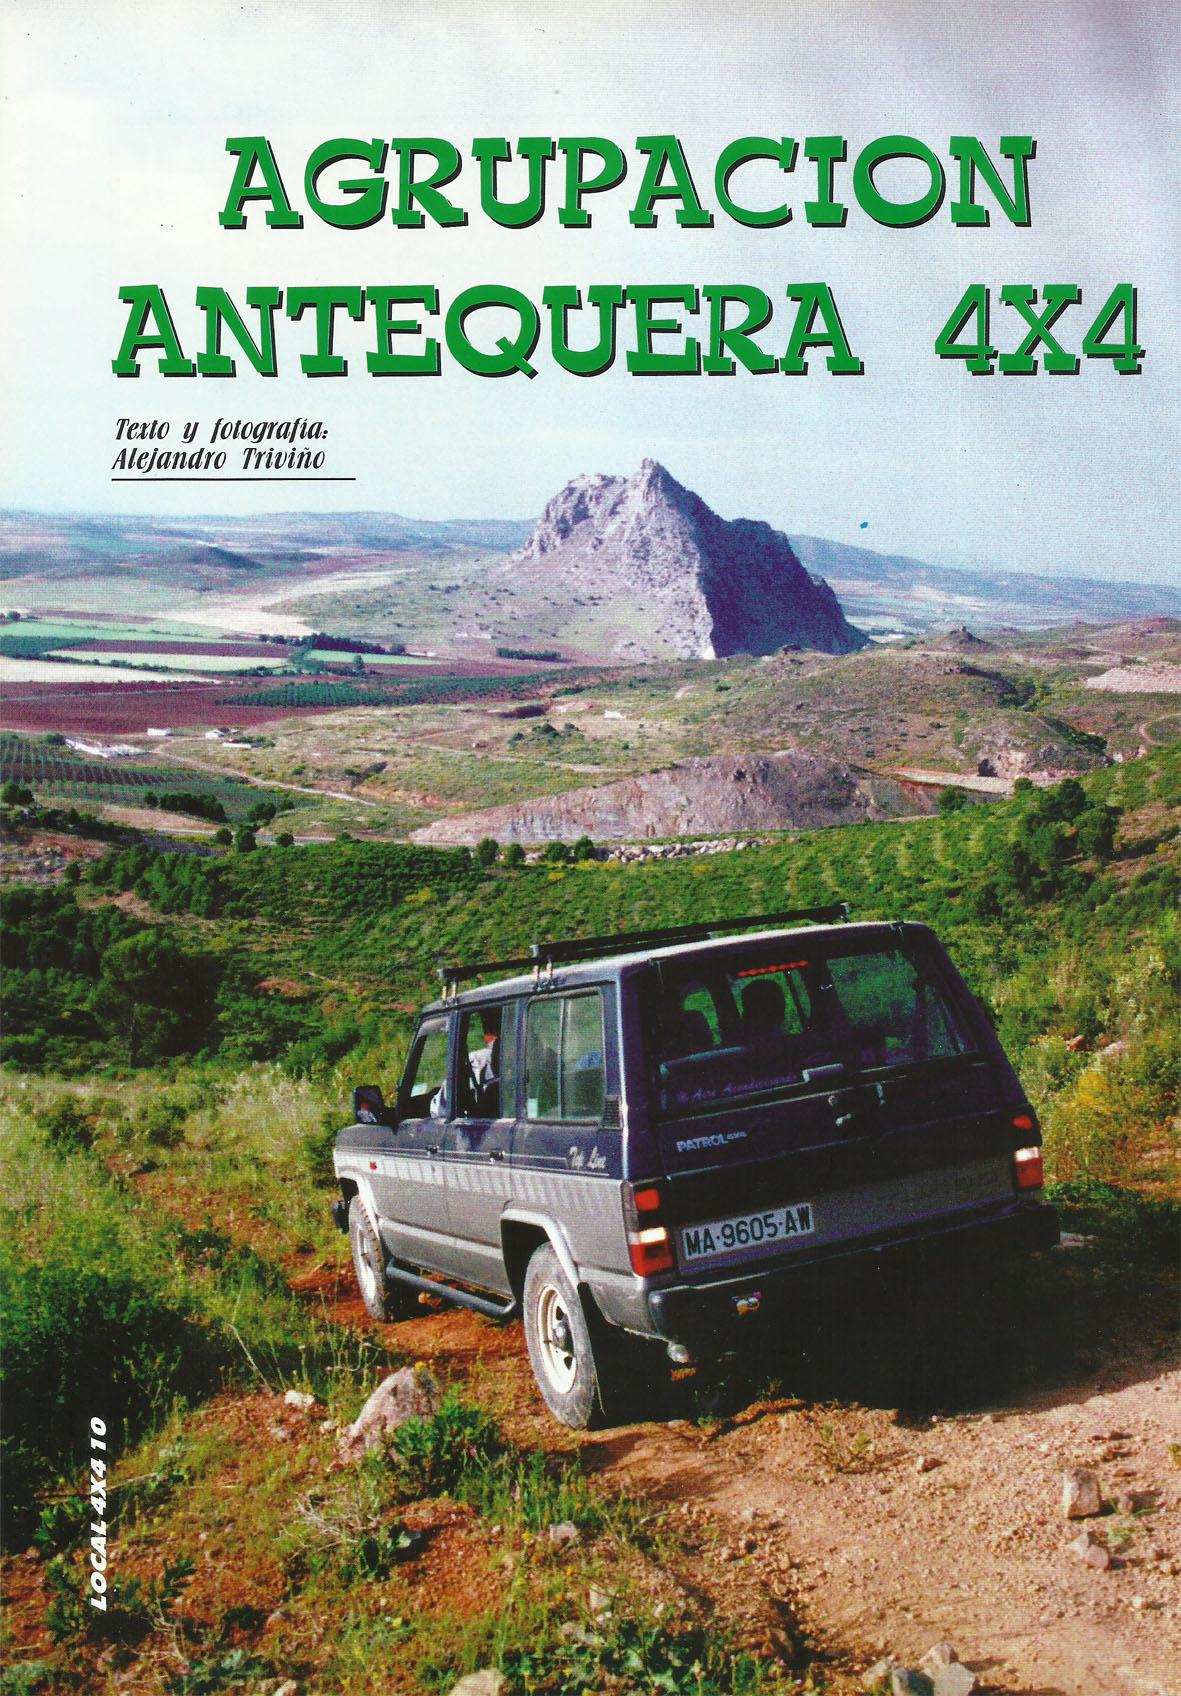 Revista Local 4x4 32 10 Reportaje Agrupación Antequera 4x4